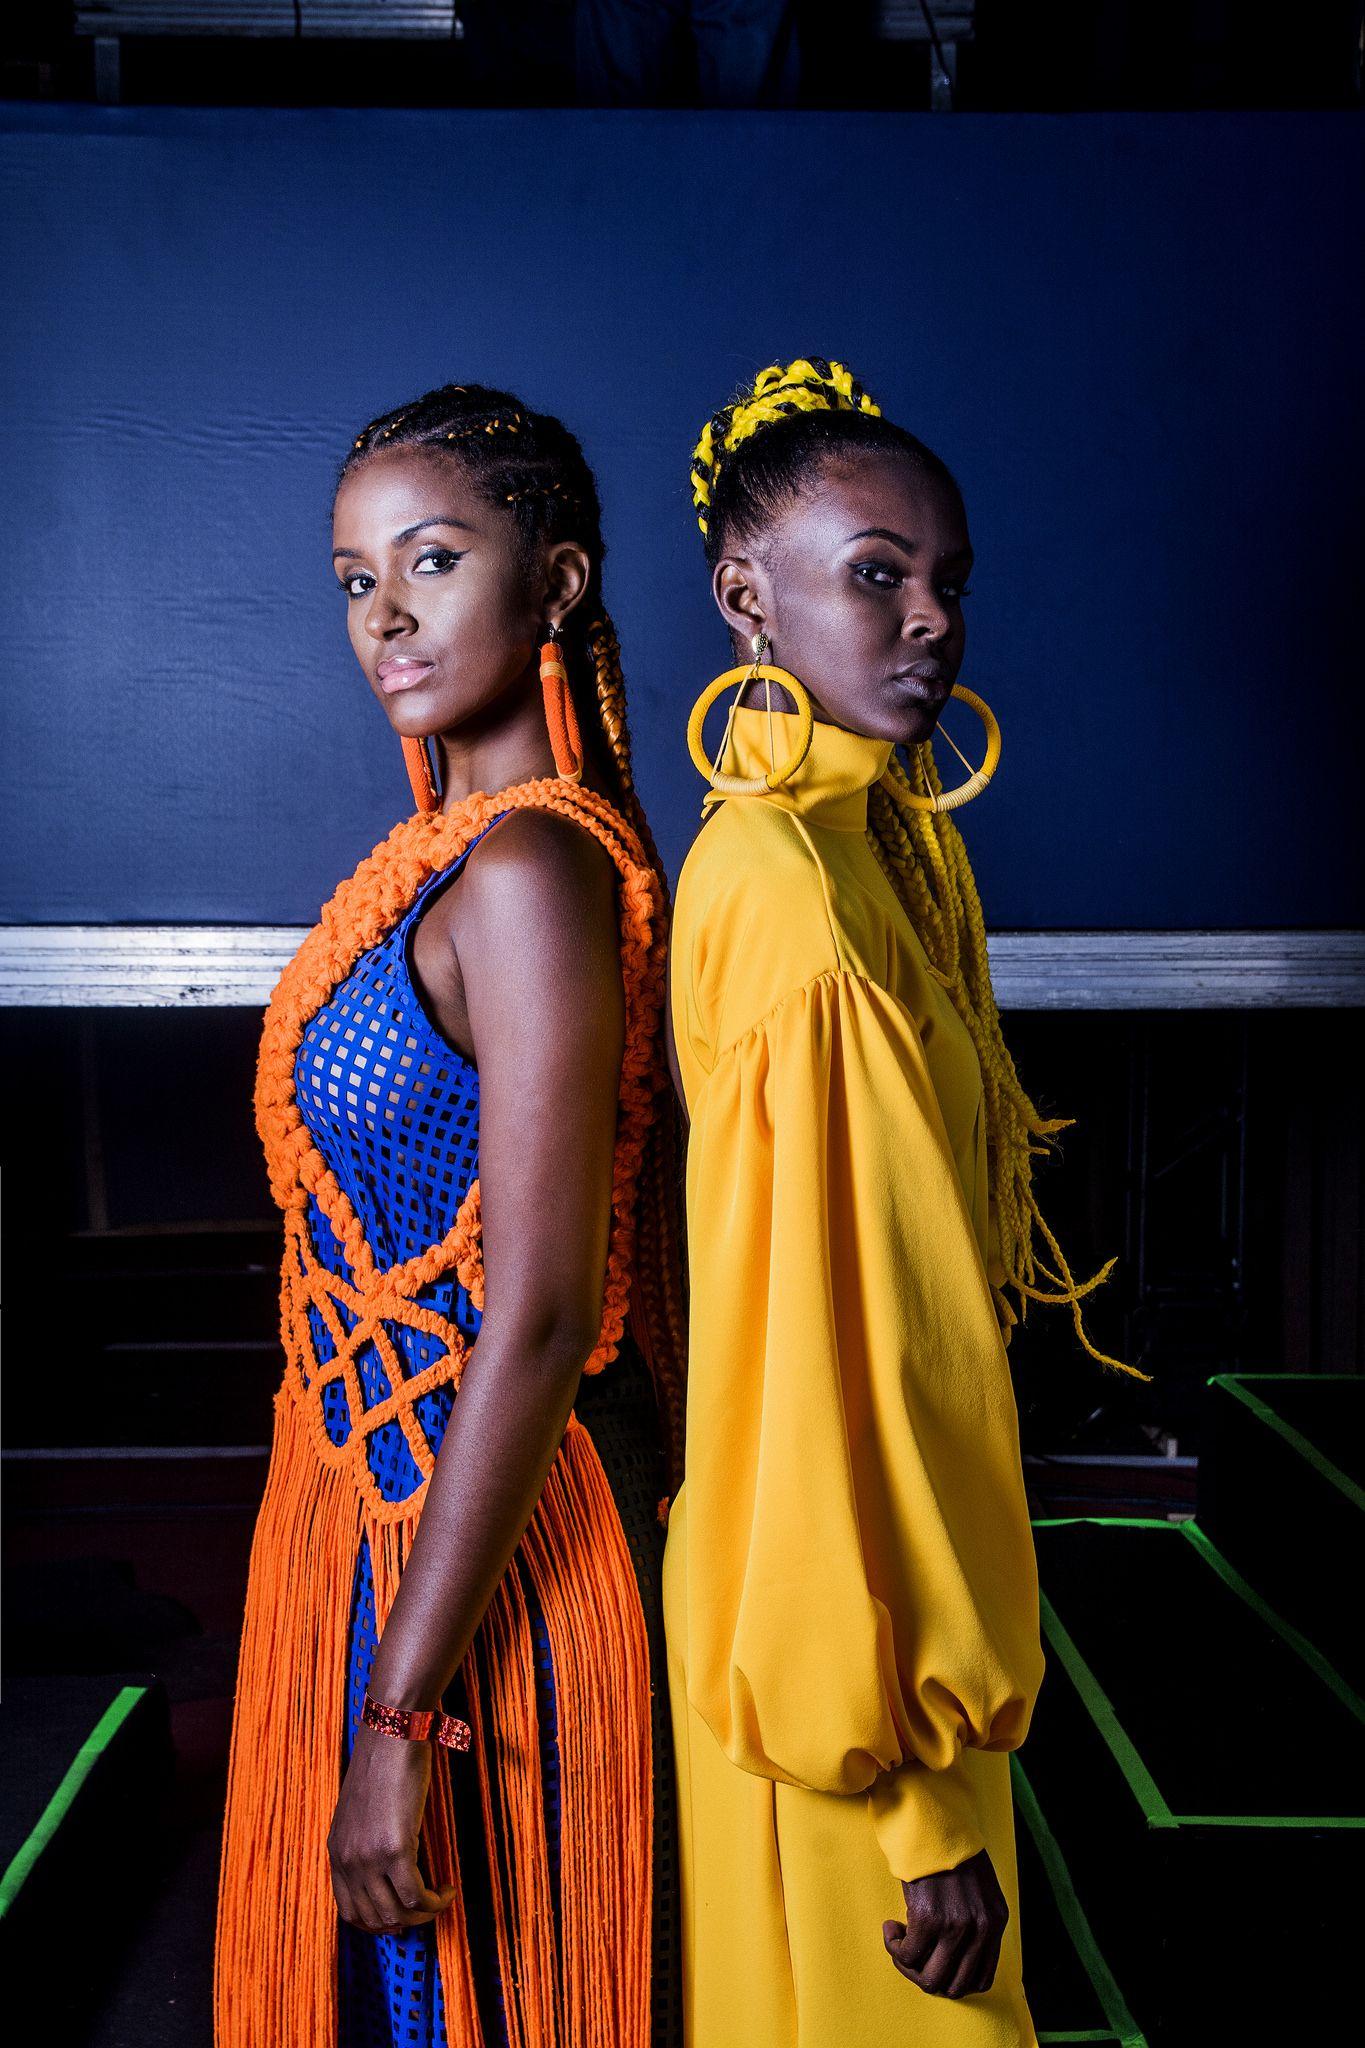 Dsc7002 Fashion Fashion Days Women